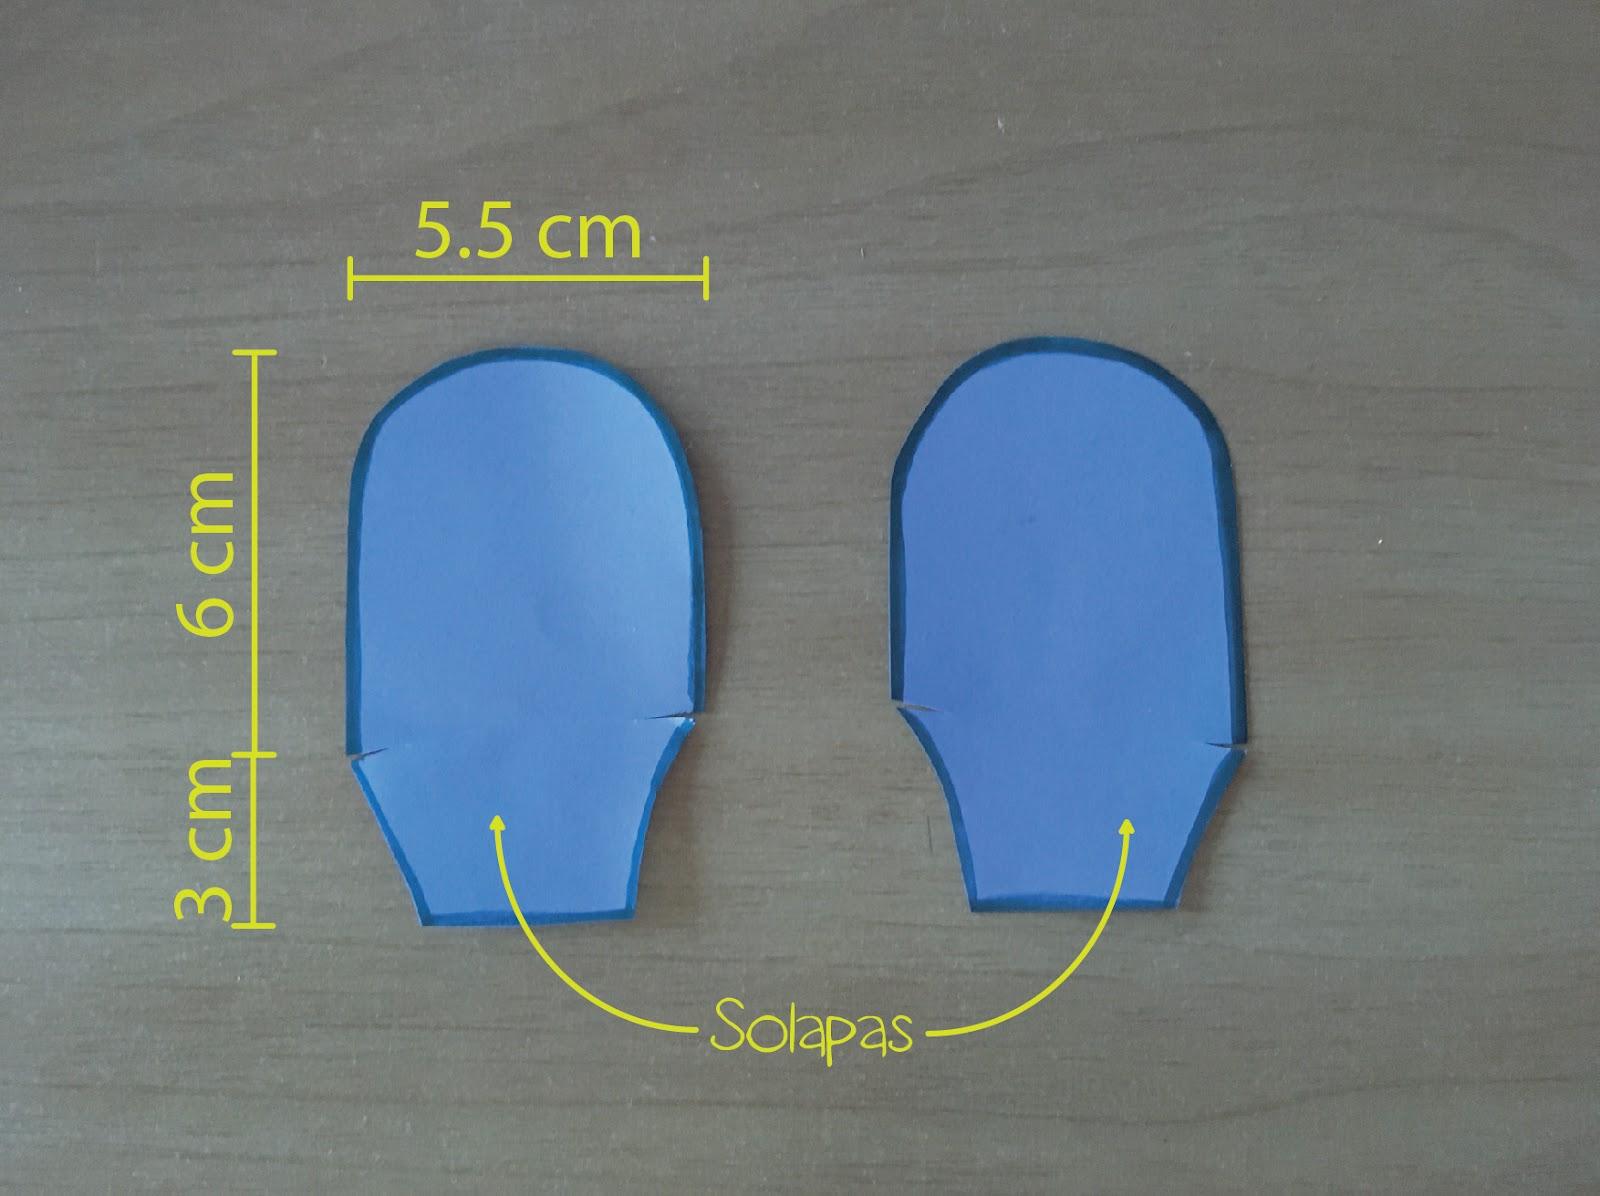 Dimensiones de los soportes para los ojos en cartulina.